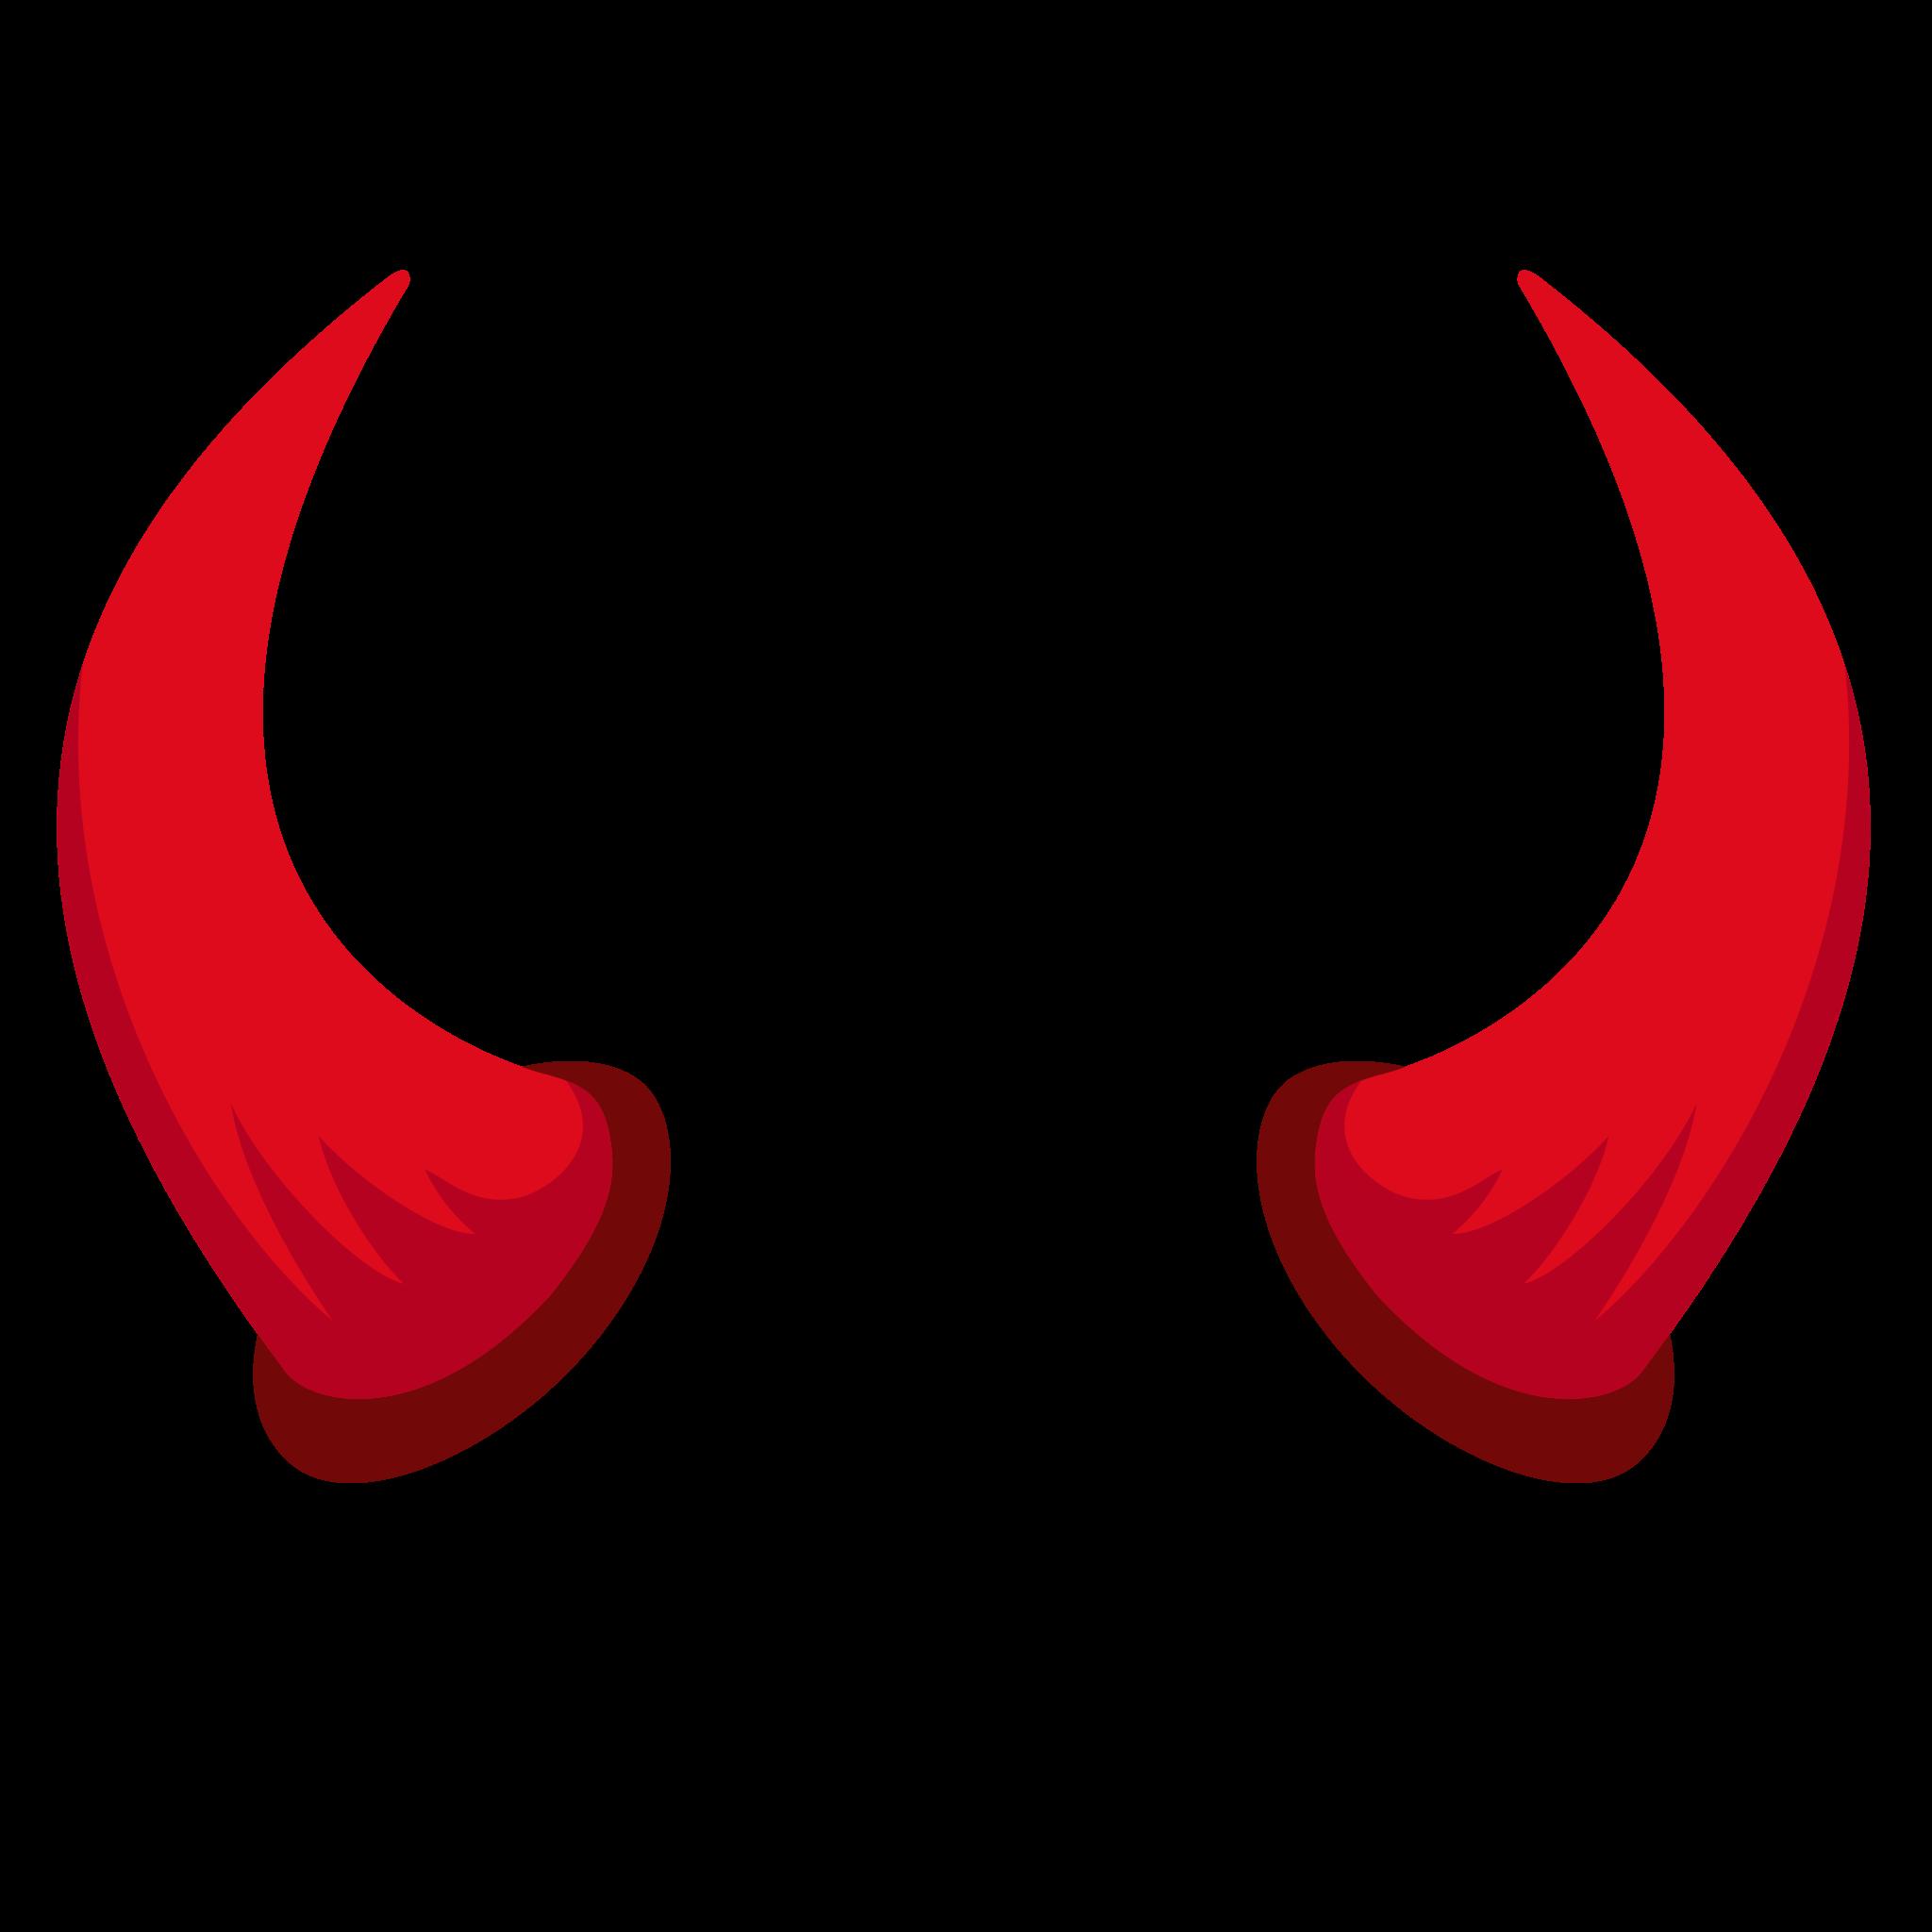 Devil horn clipart devilish pictures on Cliparts Pub 2020! 🔝